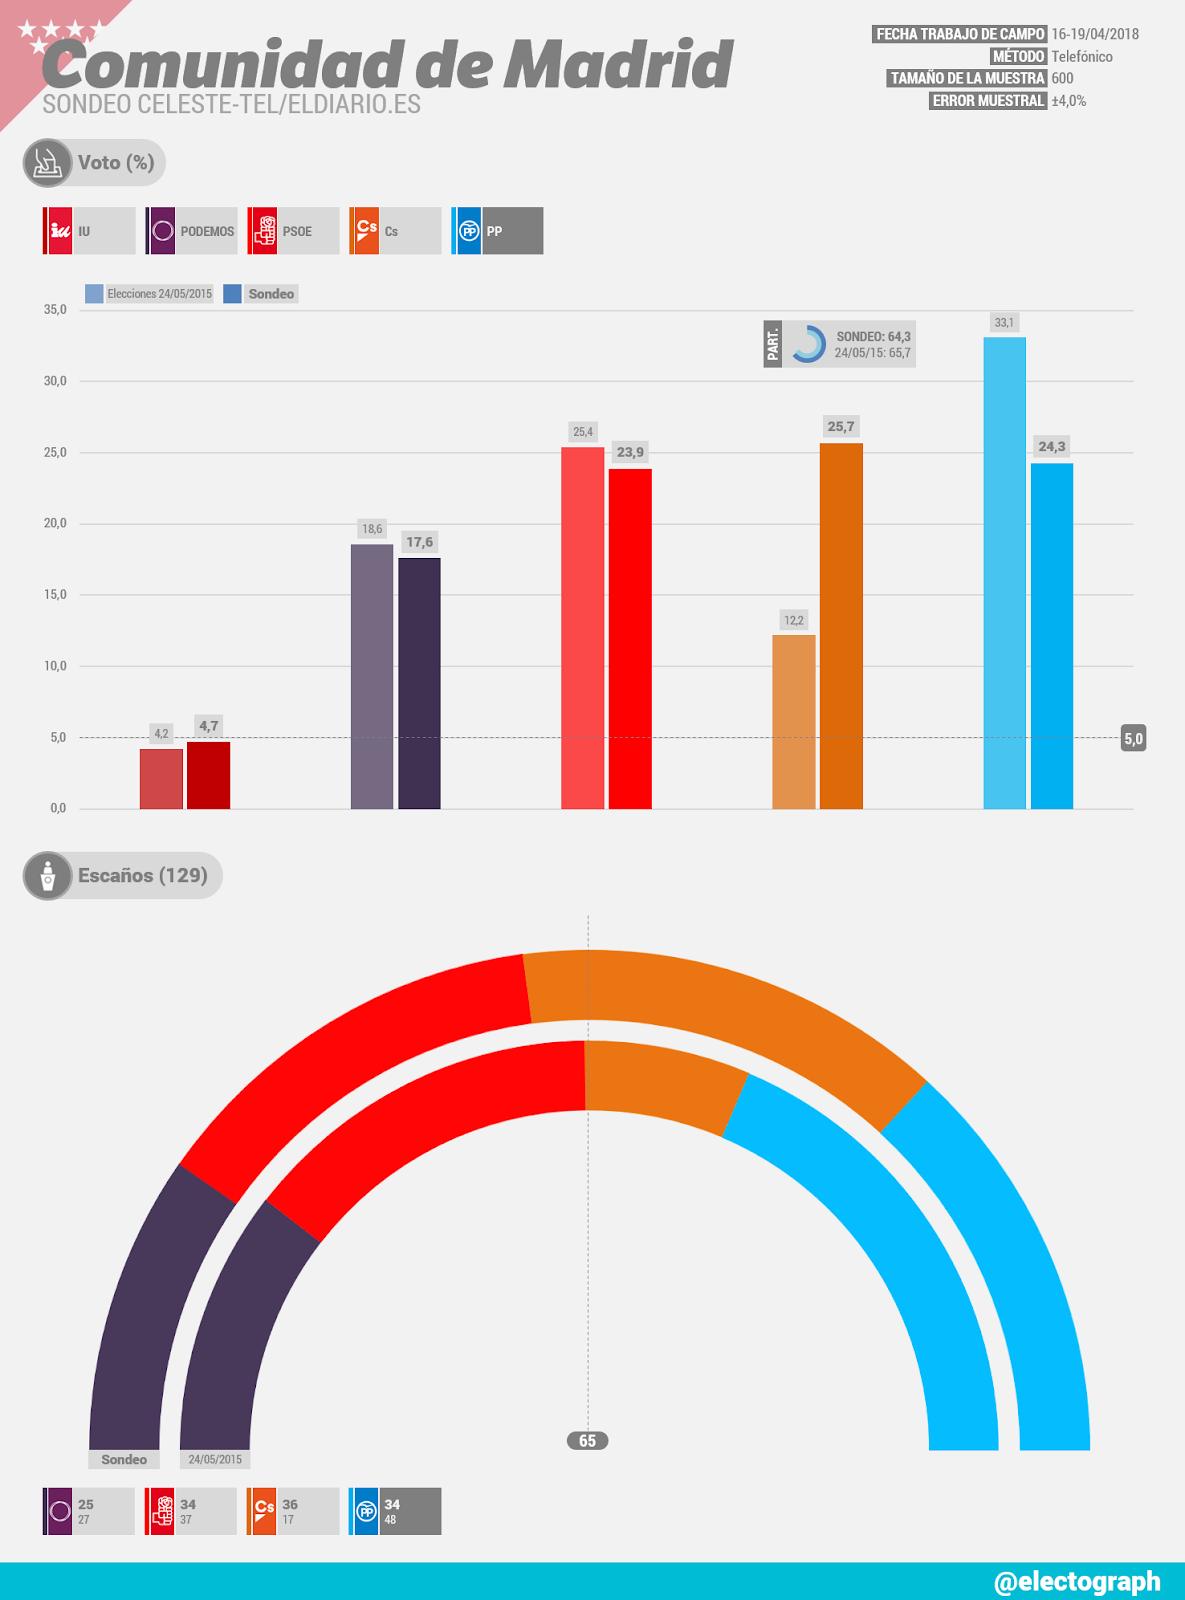 Gráfico de la encuesta para elecciones autonómicas en la Comunidad de Madrid realizada por Celeste-Tel para eldiario.es en abril de 2018